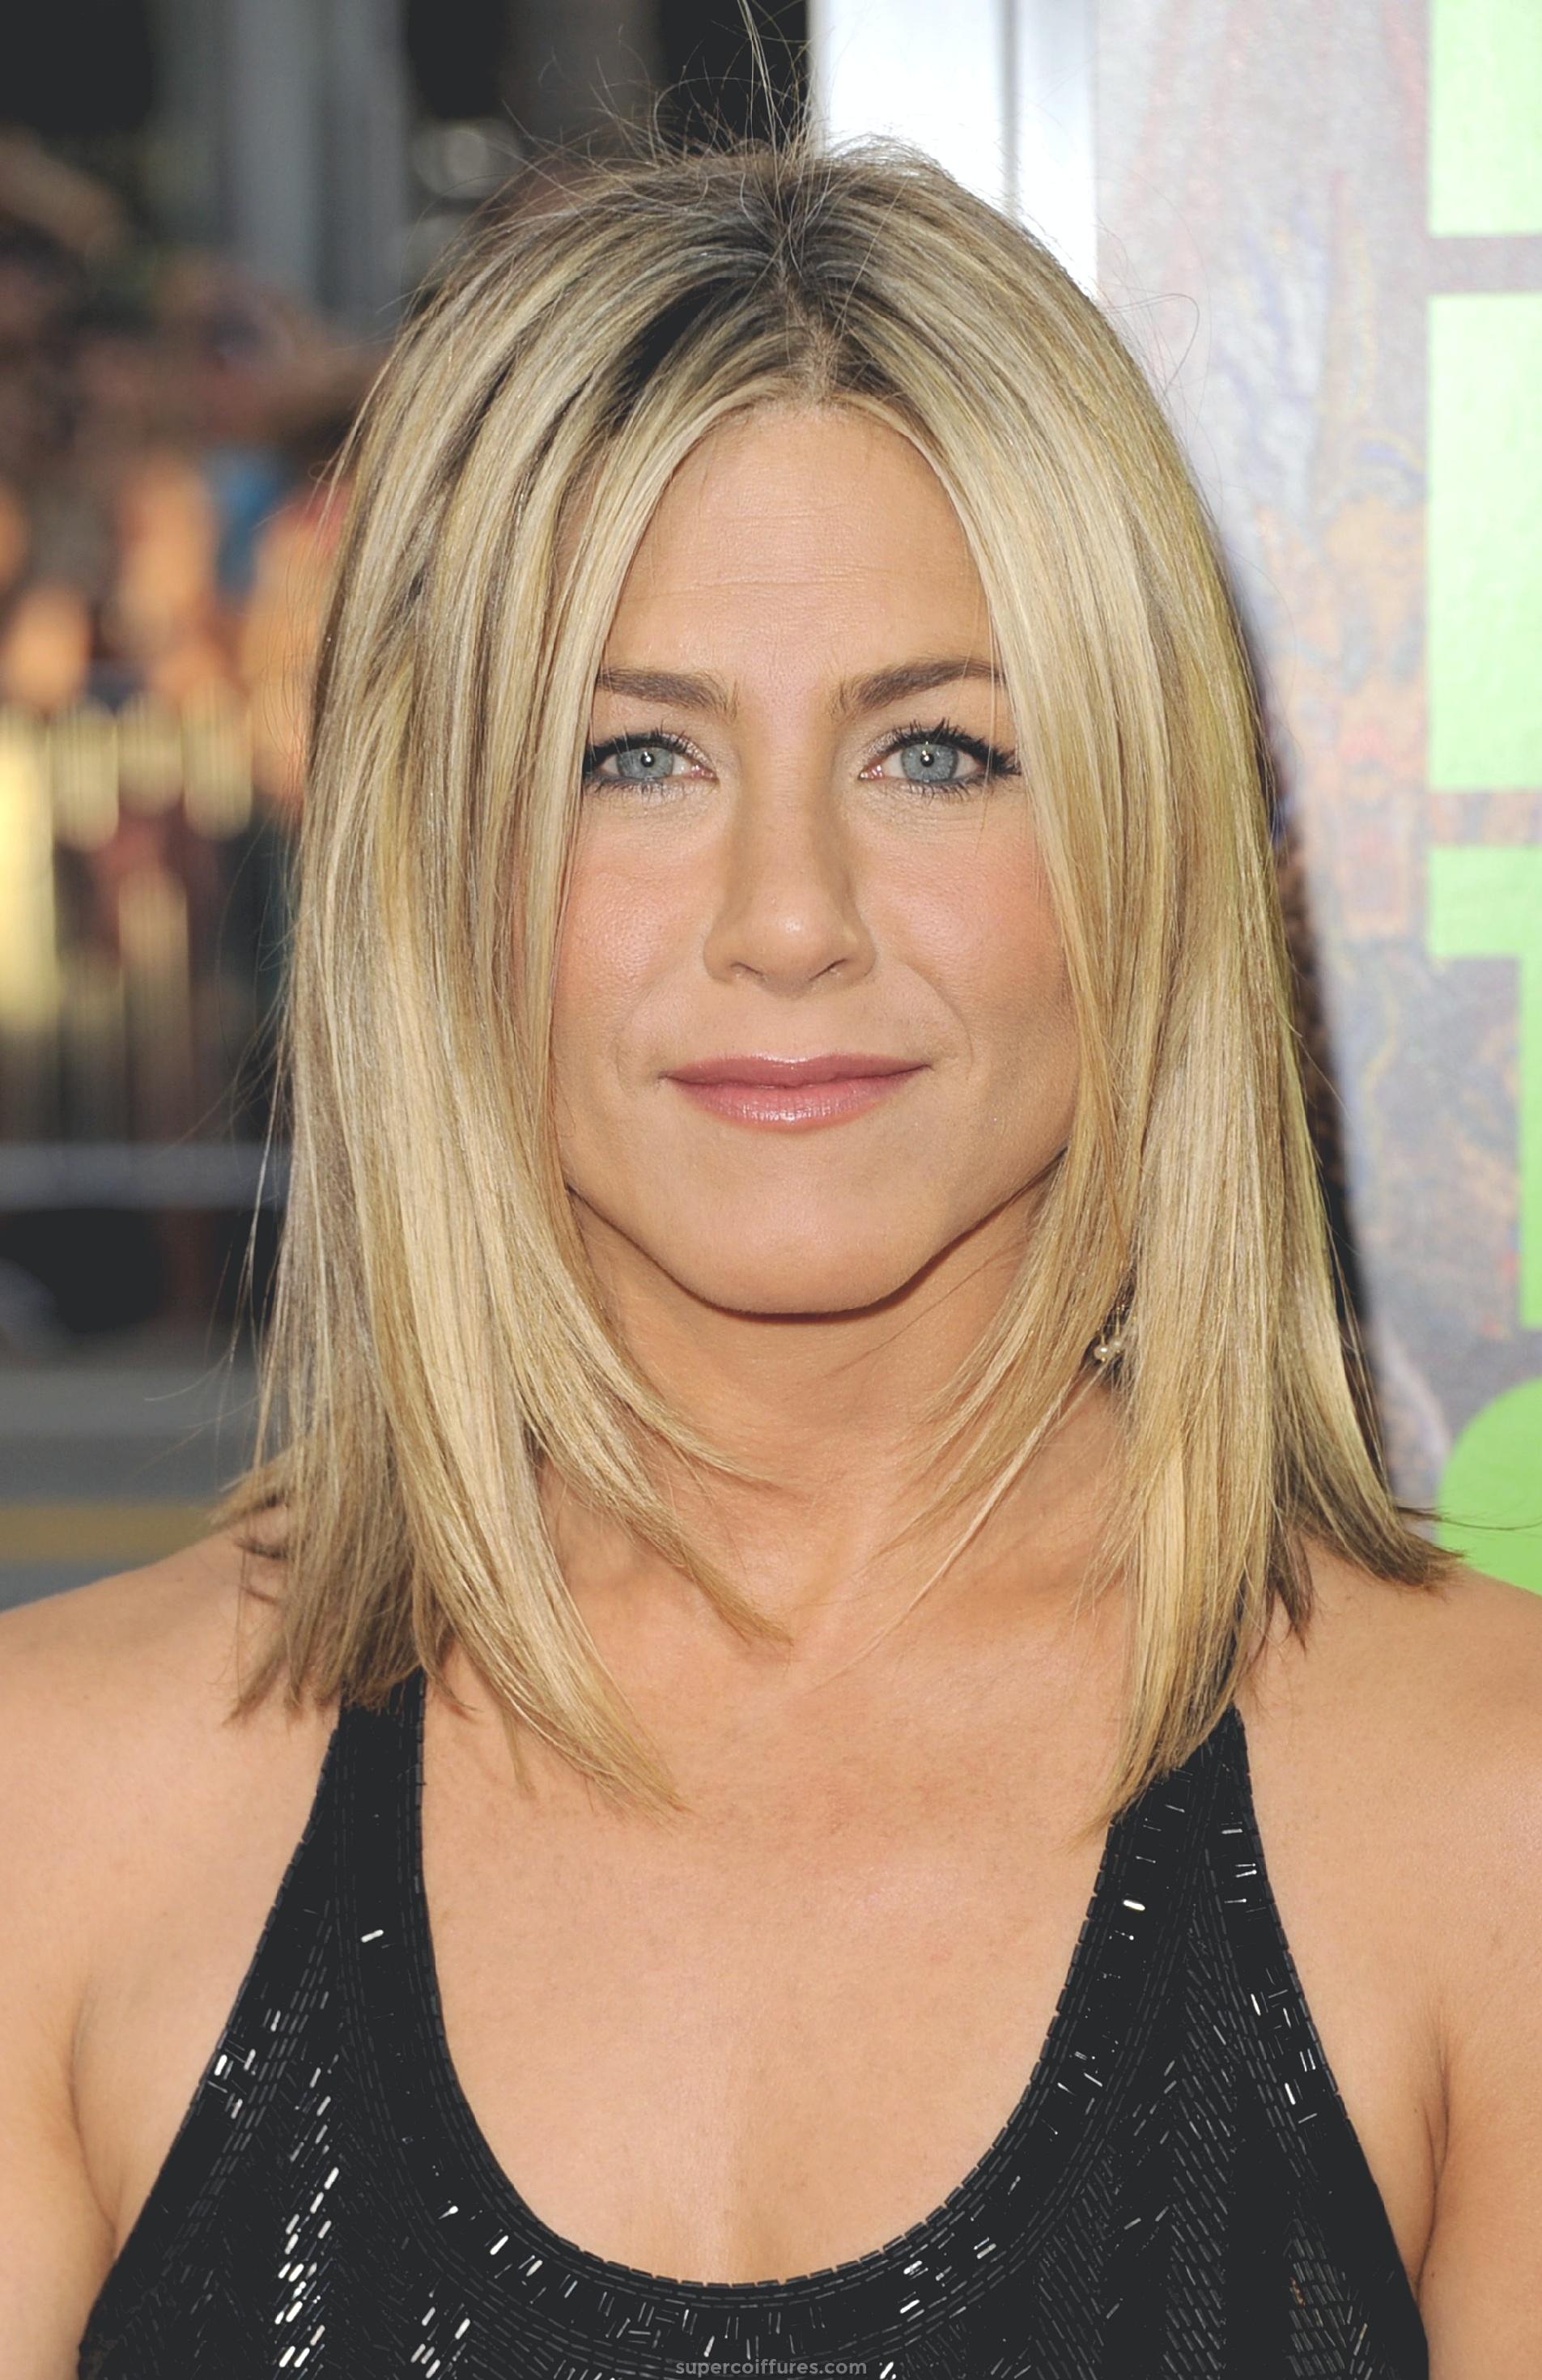 Coiffure Jennifer Aniston , 25 Coiffures Personnalisées